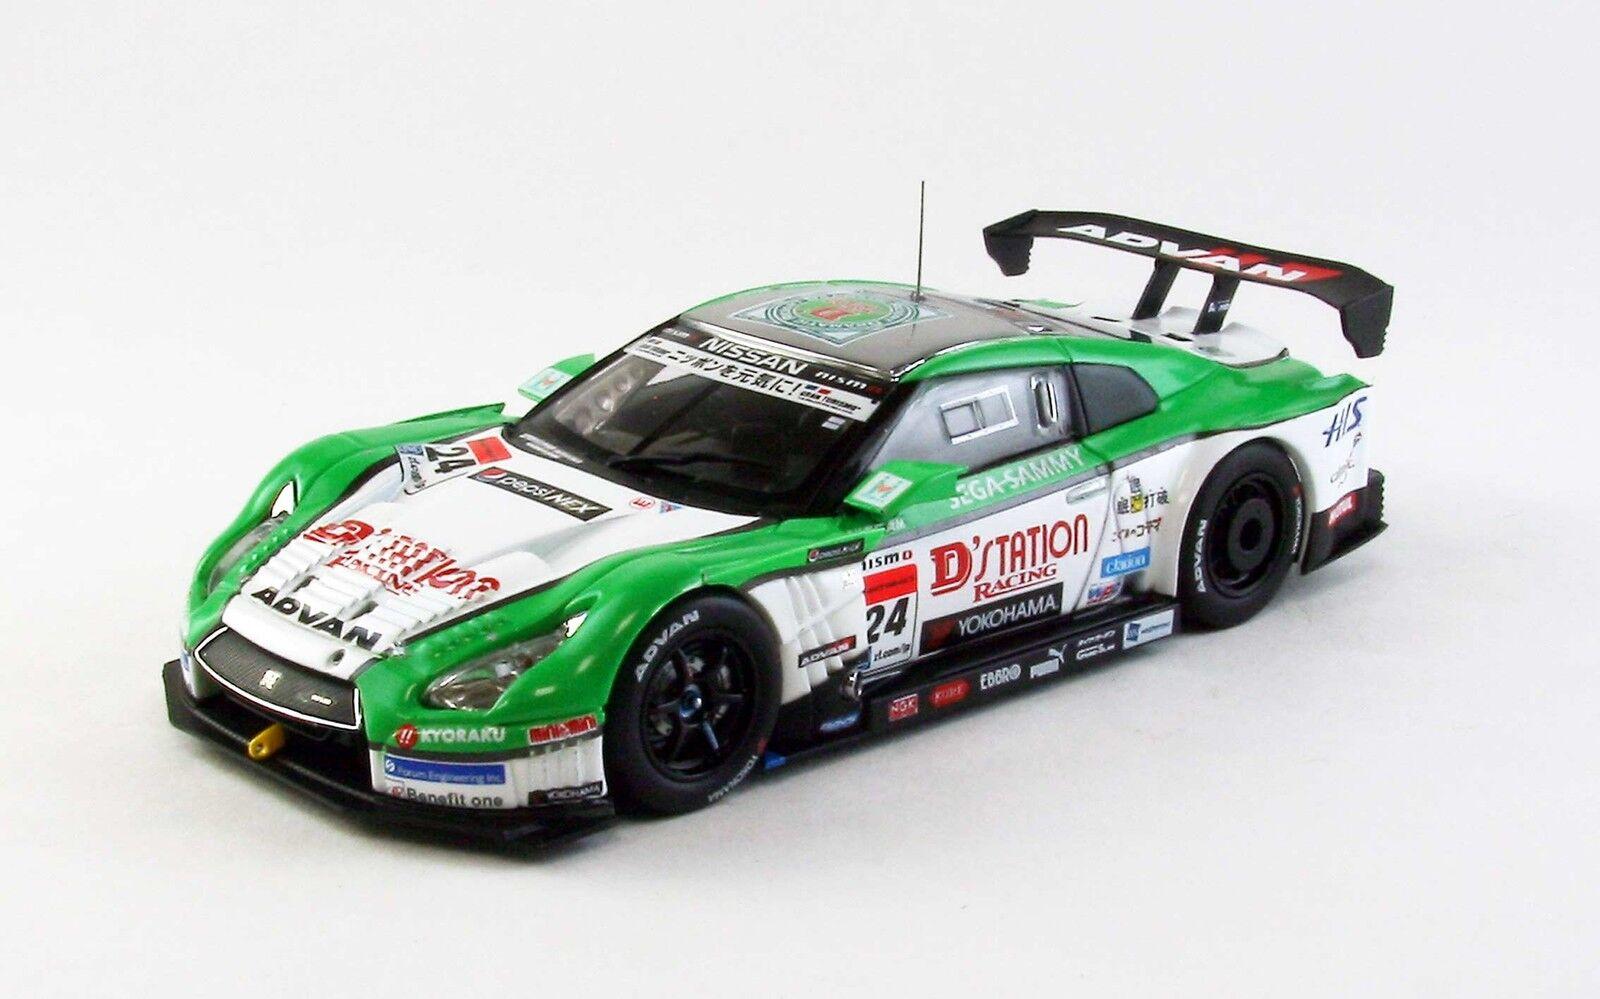 supporto al dettaglio all'ingrosso EBBRO 44913 1 43 Nissan D'station ADVAN ADVAN ADVAN GT-R super GT500 2013  24 bianca verde  trova il tuo preferito qui